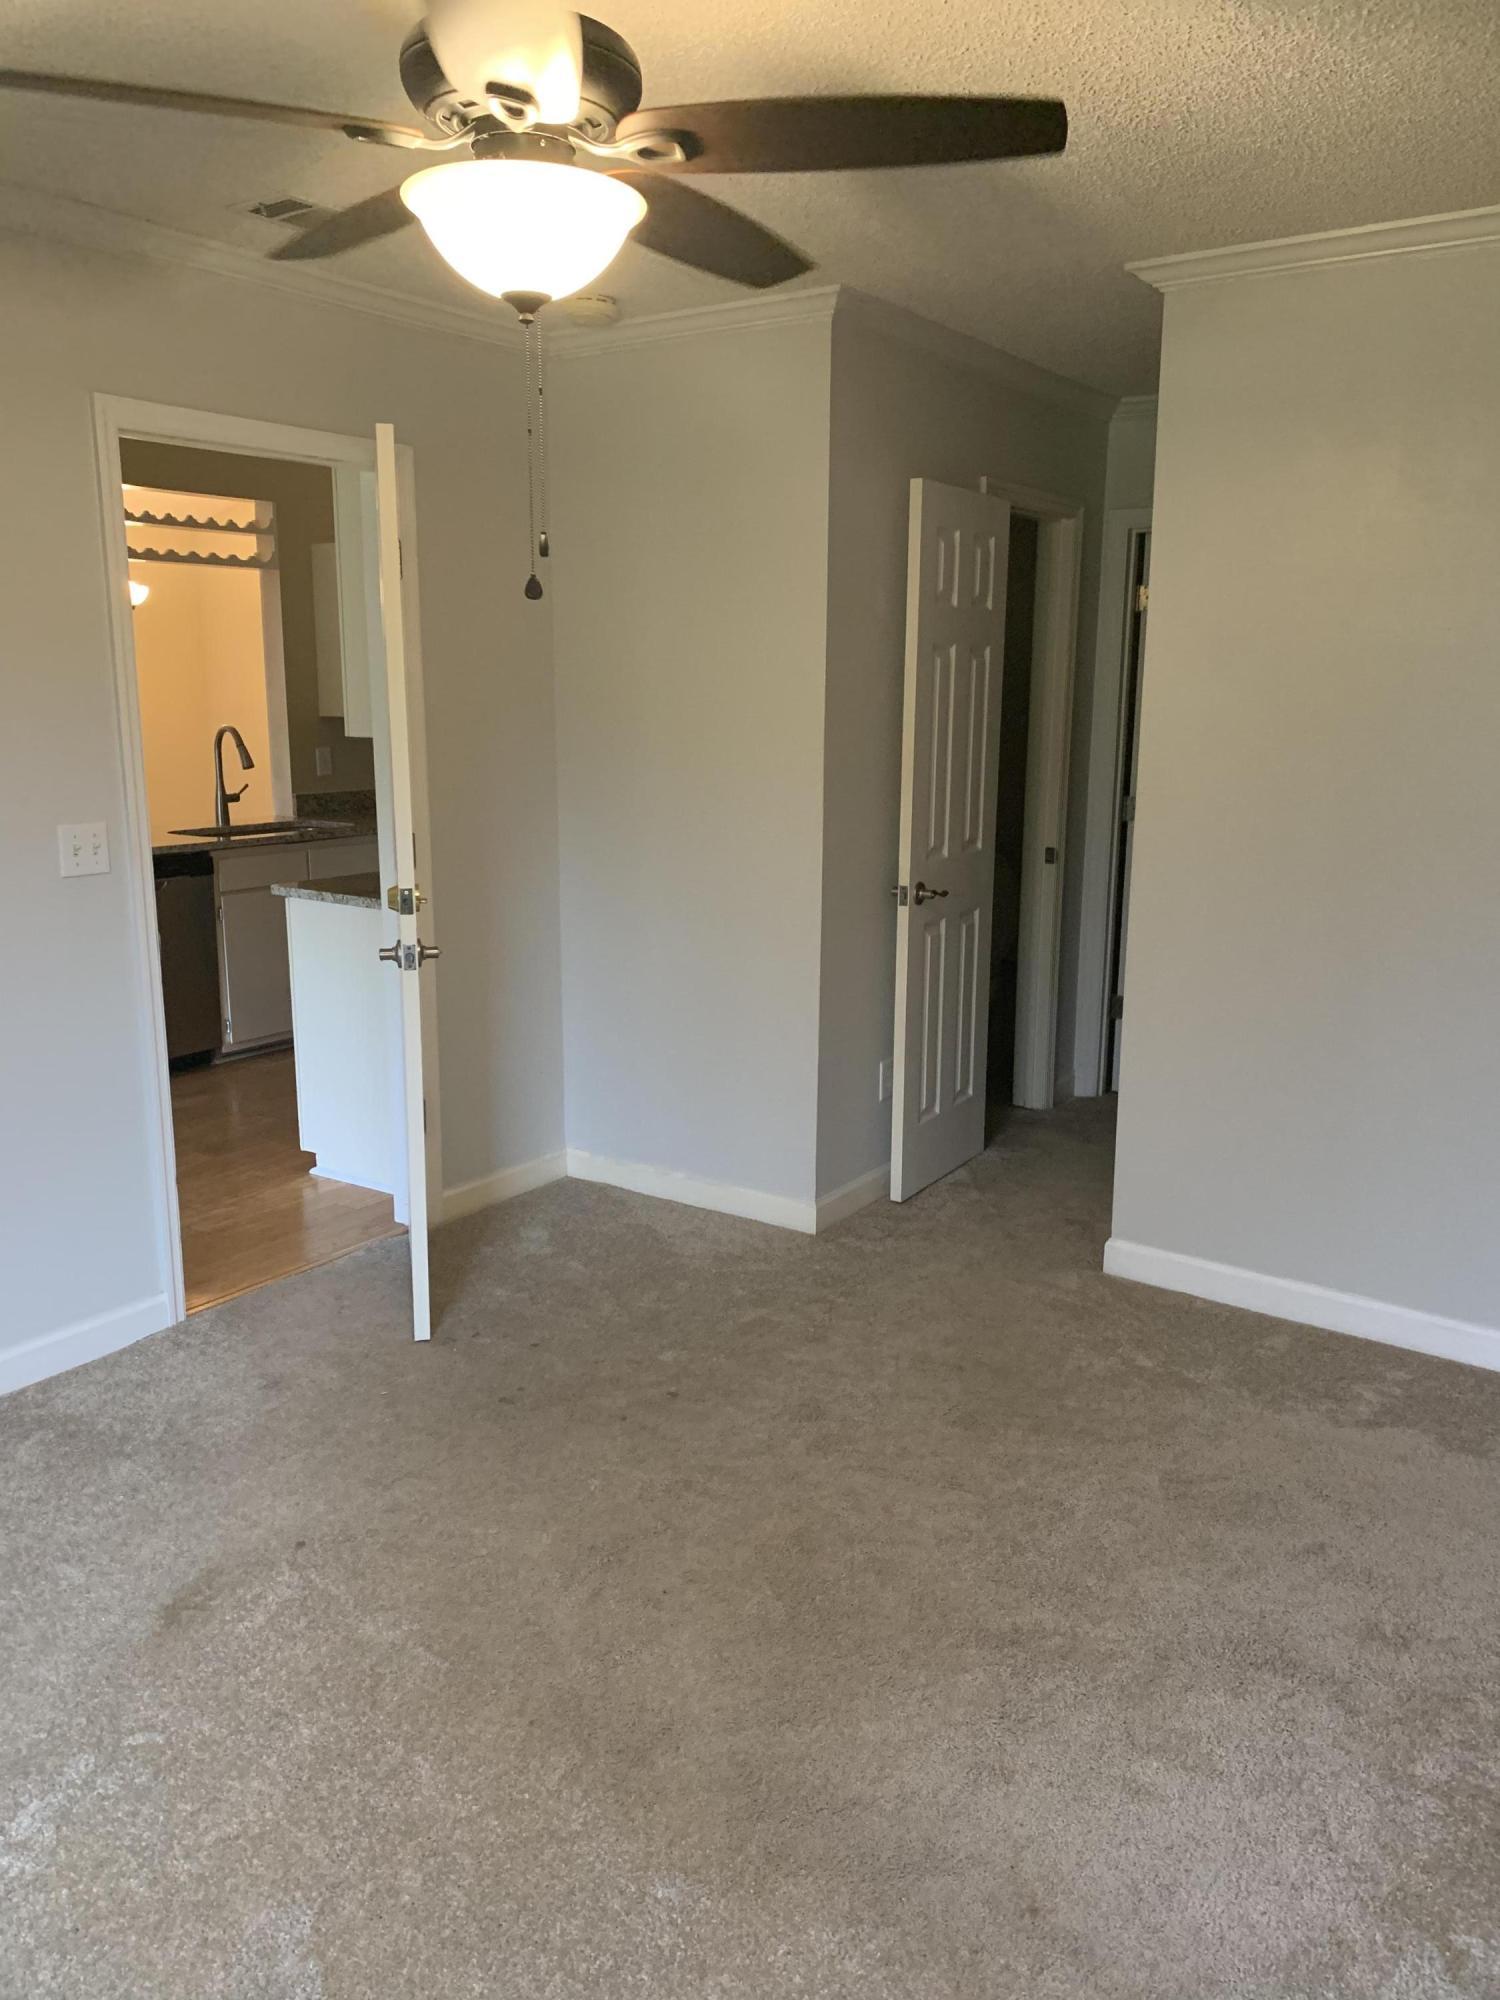 Willow Walk Homes For Sale - 1144 Oakcrest, Charleston, SC - 10